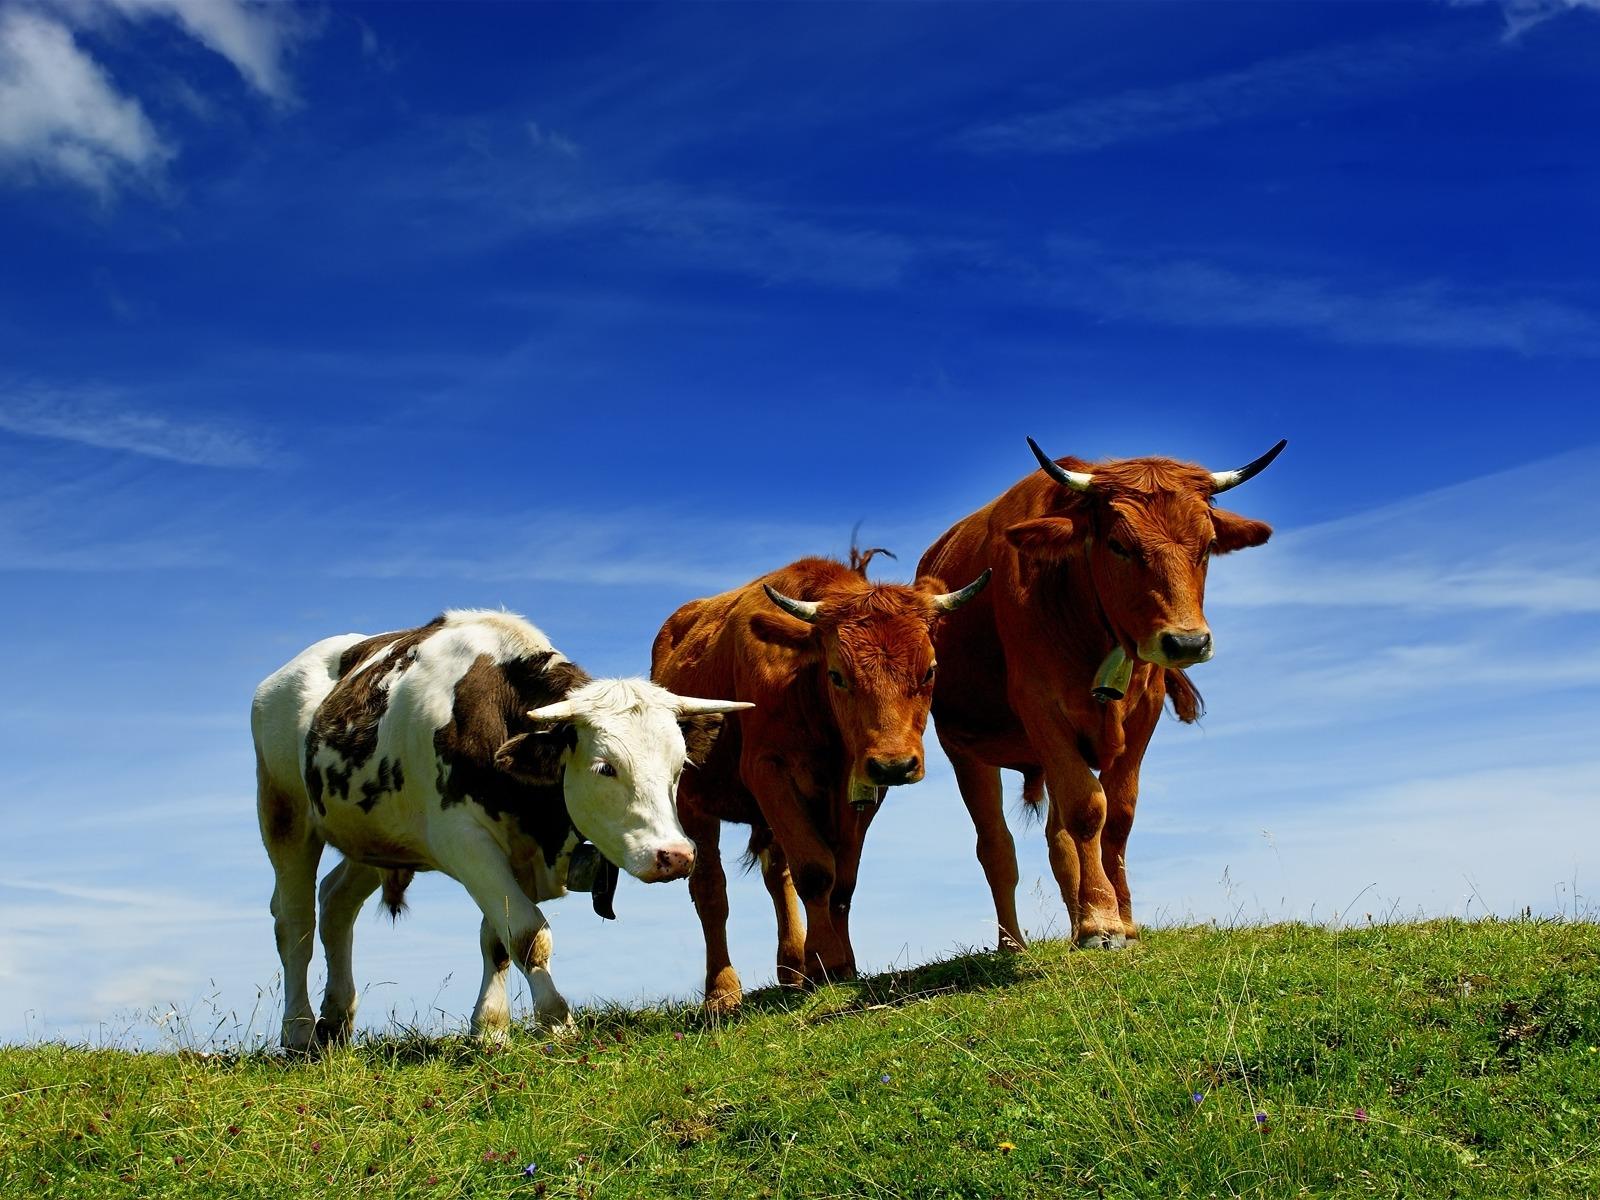 три коровы на лугу, скачать фото, на фоне неба, обои на рабочий стол